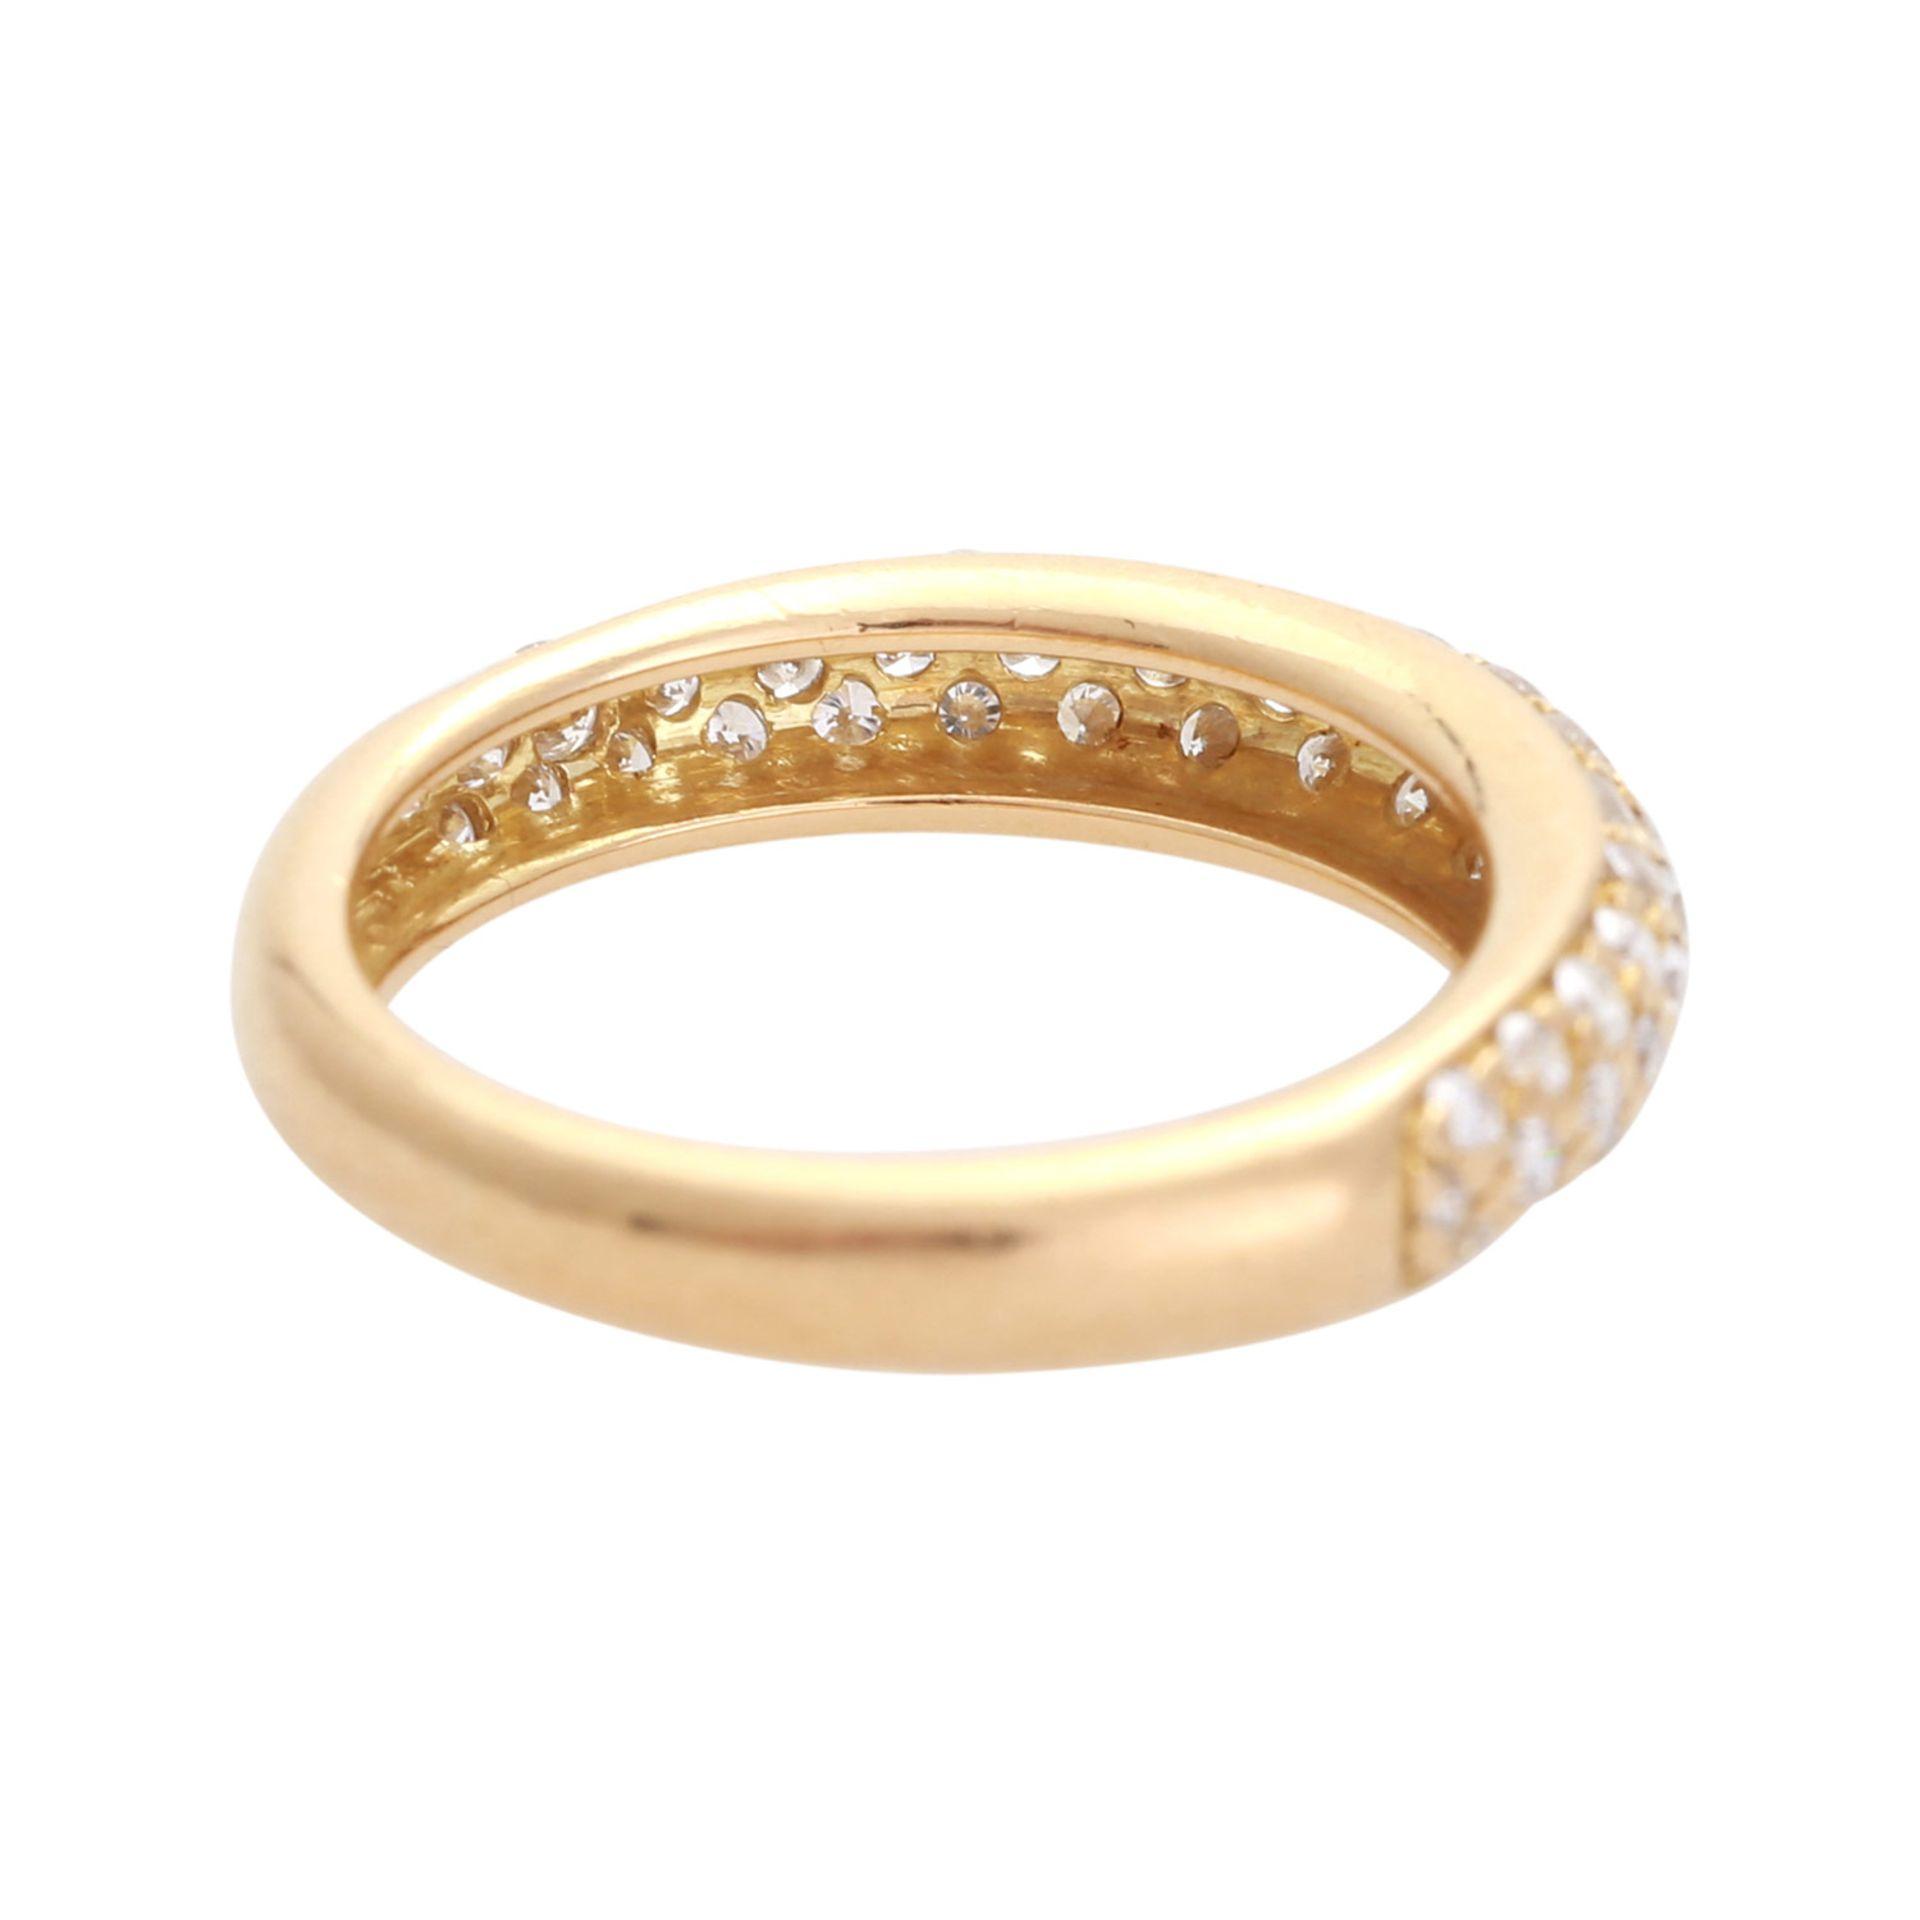 Los 150 - WEMPE Ring mit 55 Brillanten zus. ca. 0,75 ct., gute bis sehr gute Farbe und Reinheit, GG 18K, RW: